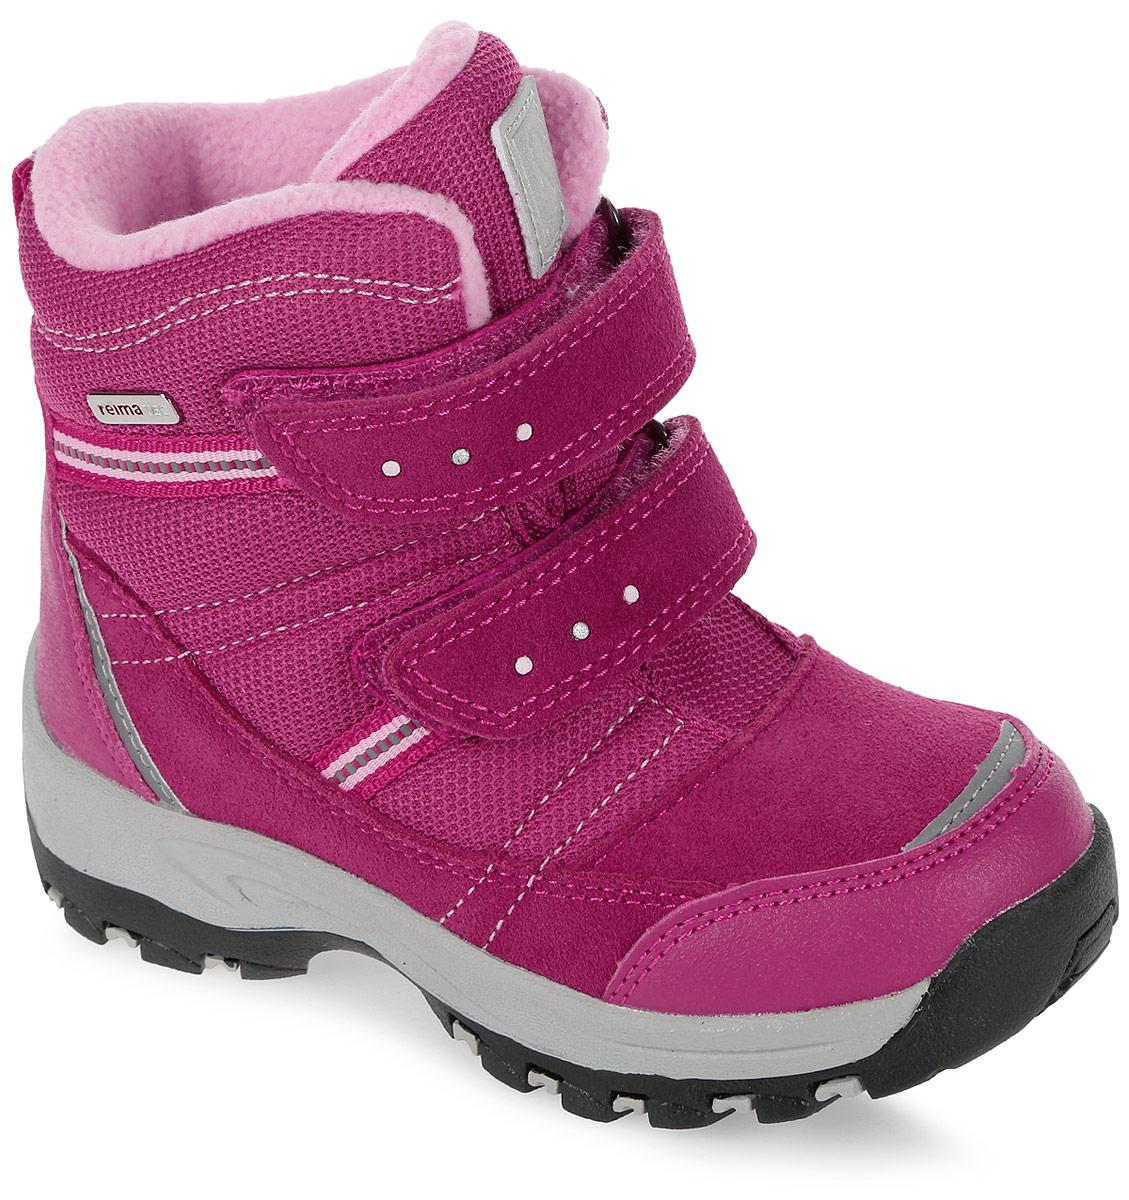 Ботинки детские Reima Visby, цвет: фуксия. 5693223560. Размер 315693223560Детские ботинки Reima Visby - очень легко надевать благодаря застежке на липучке. В них дети могут бегать и прыгать по слякоти и снегу и гарантированно останутся сухими – за счет водонепроницаемой конструкции и подкладки с запаянными швами. Верх этих суперботинок изготовлен из текстиля и телячьей замши с усилениями из резины. Ботинки подшиты подкладкой из теплого и мягкого искусственного меха, который надежно защищает от холода. Резиновая подошва обеспечивает прочное сцепление с различными поверхностями, а благодаря теплым съемным фетровым стелькам с рисунком Happy Fit легко подобрать правильный размер или измерить растущую ножку ребенка. Светоотражающие детали обеспечивают дополнительную безопасность в темное время суток.